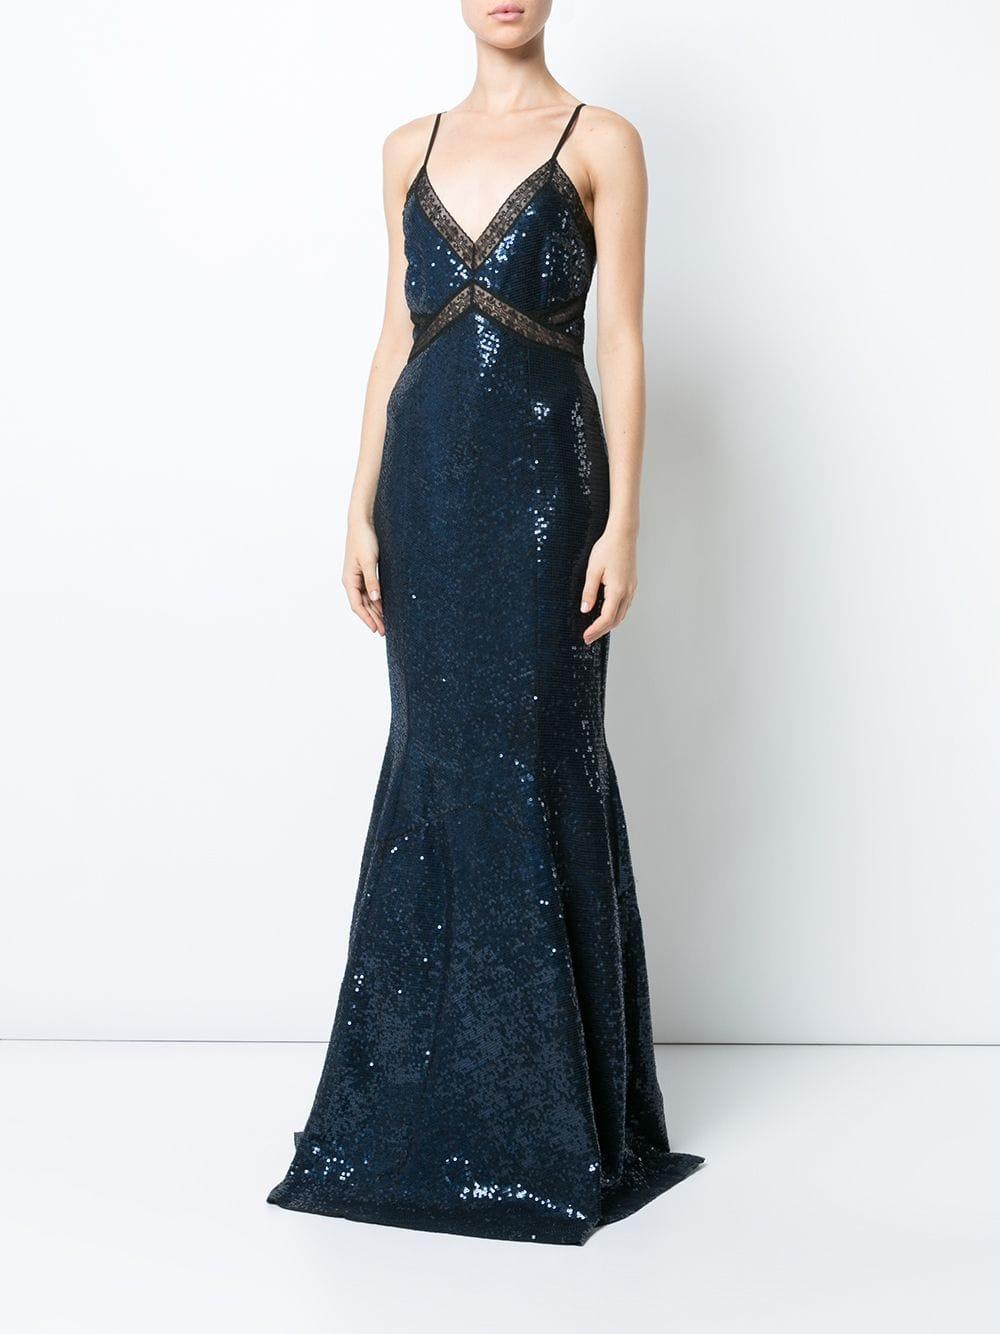 20 Genial Abendkleider Pailletten Damen Kleider Design Spektakulär Abendkleider Pailletten Damen Kleider Spezialgebiet